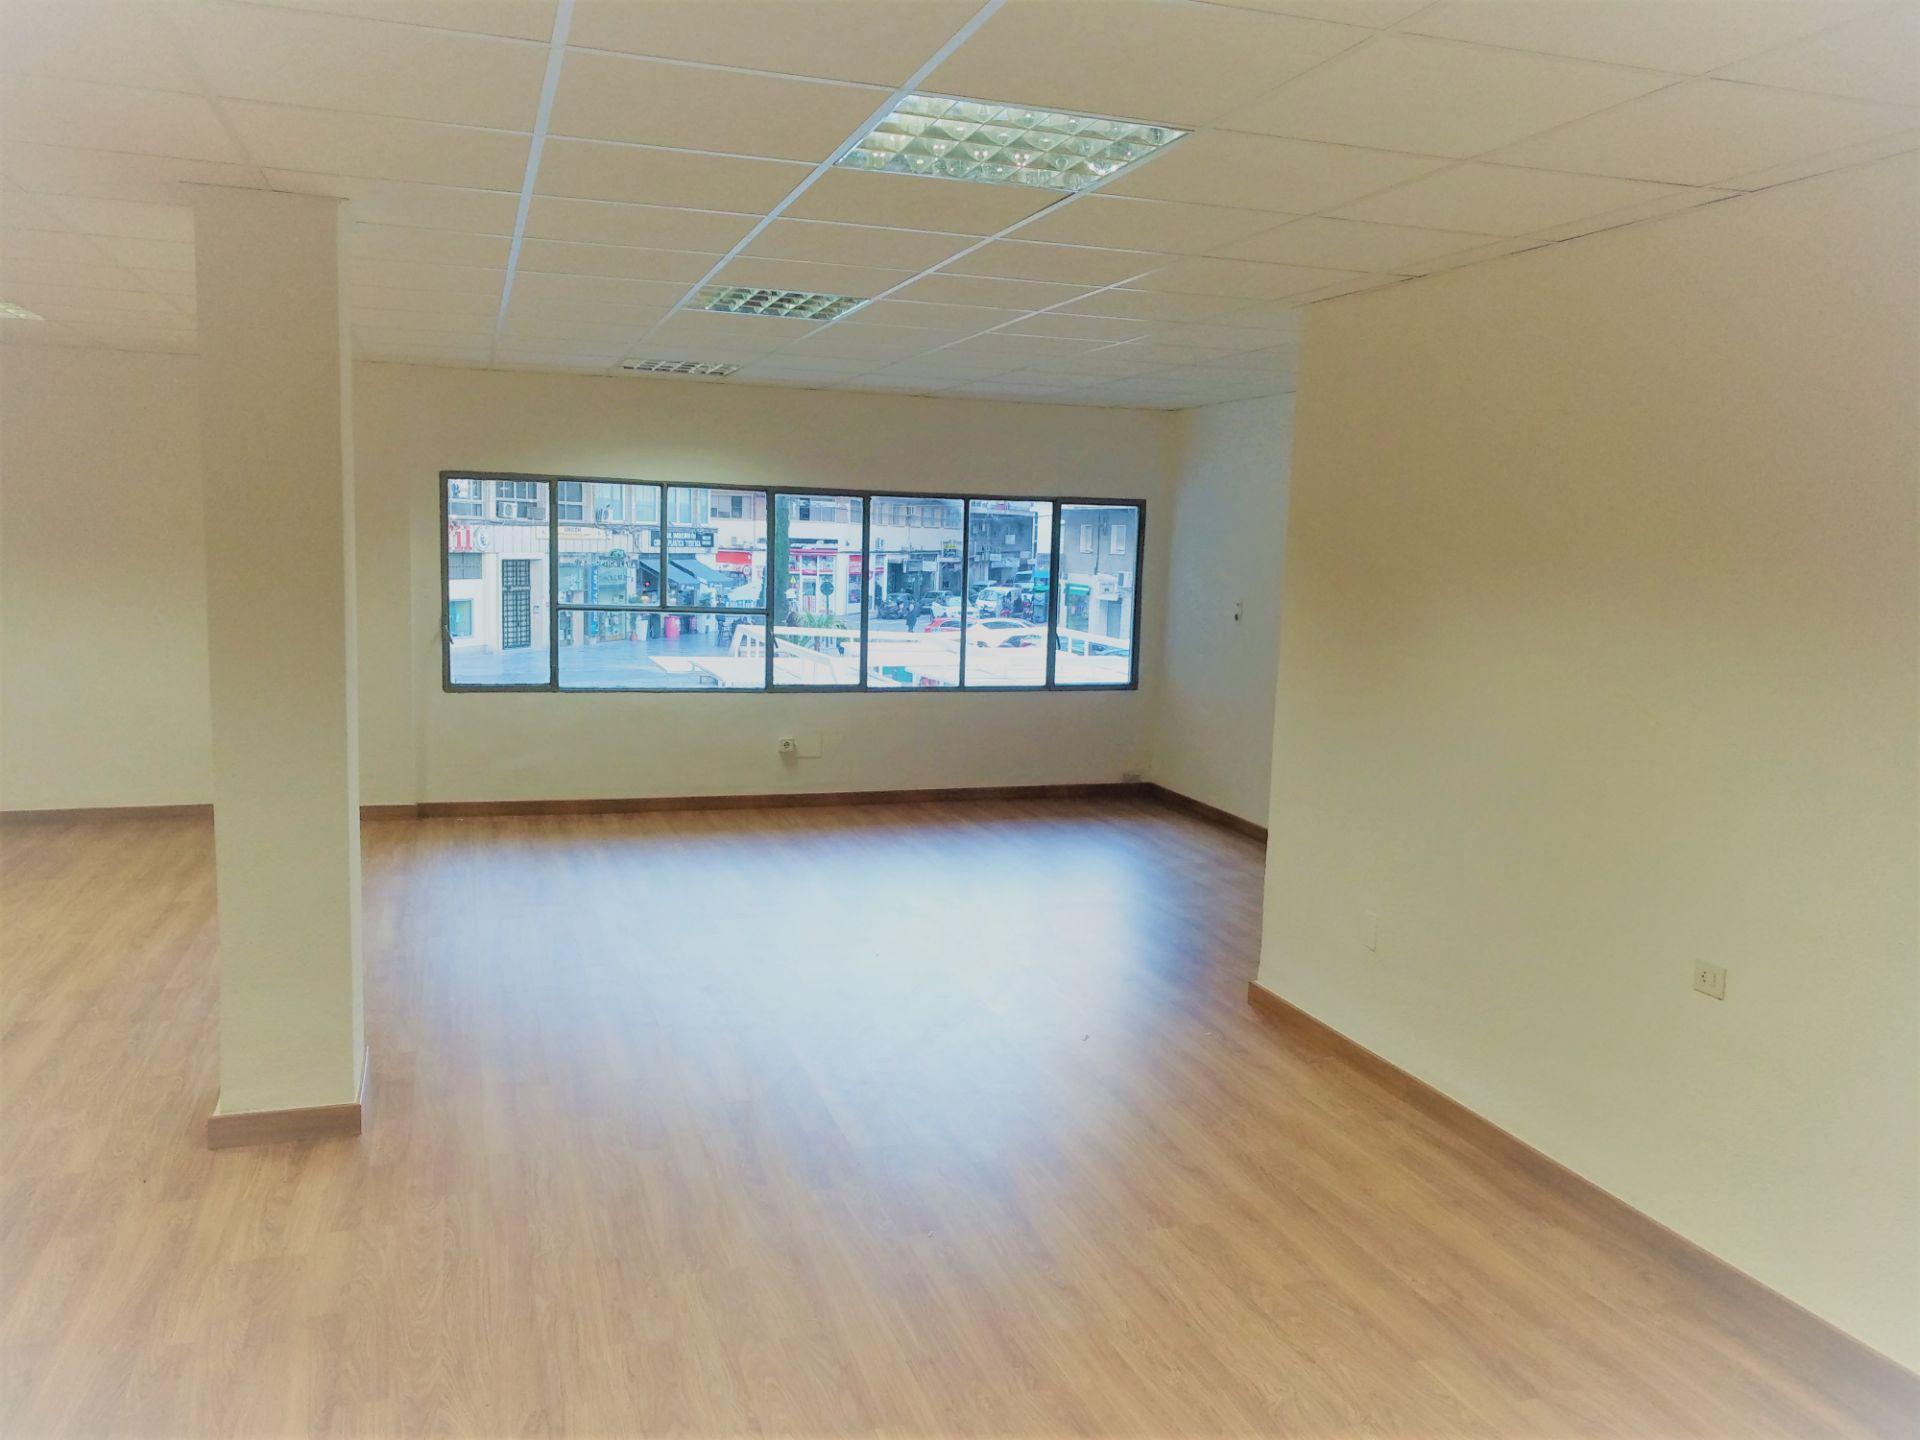 Oficina en Murcia, PLAZA CIRCULAR, alquiler